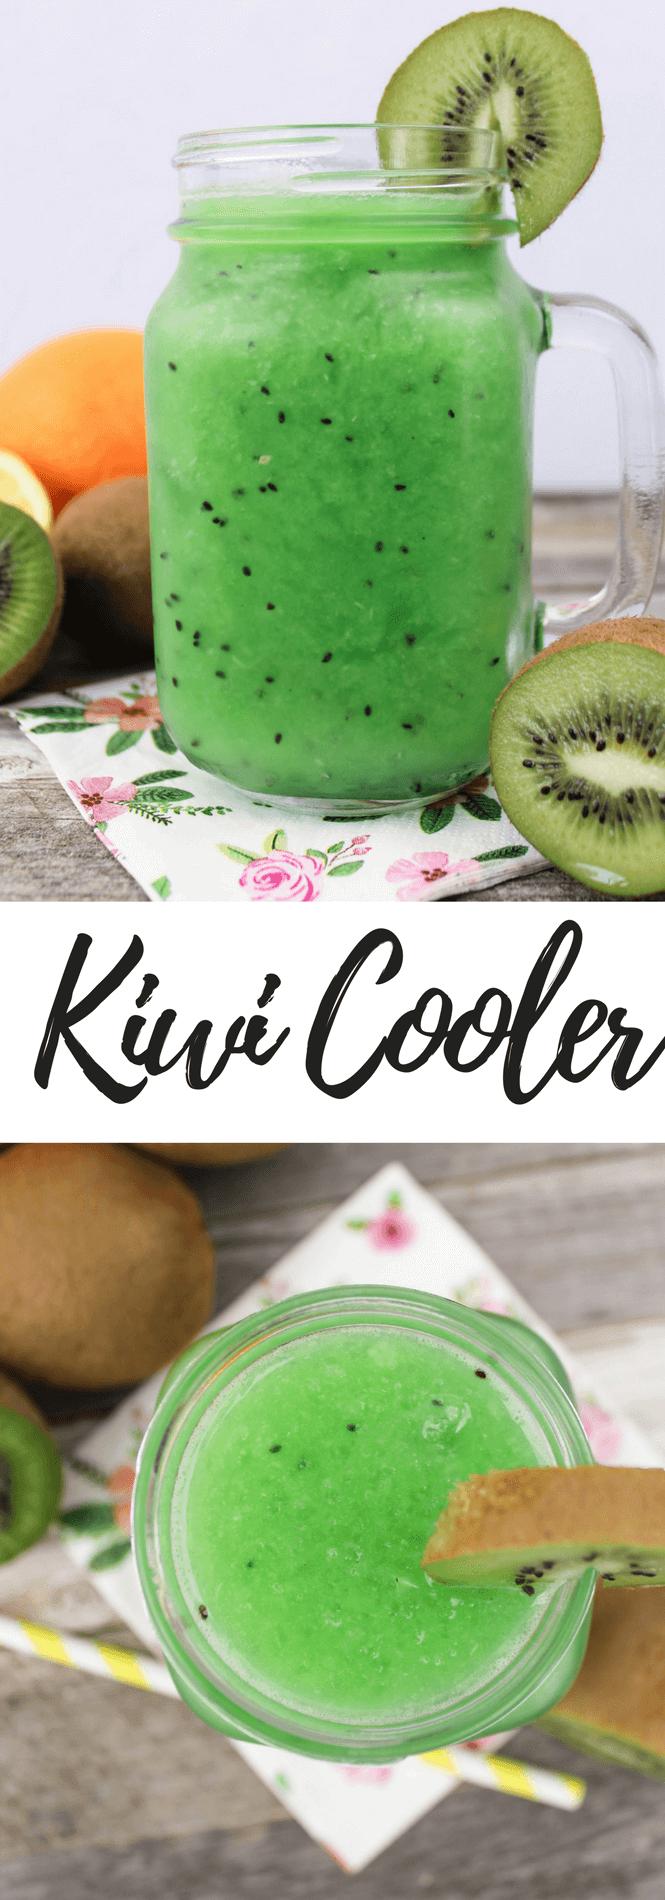 Kiwi Cooler